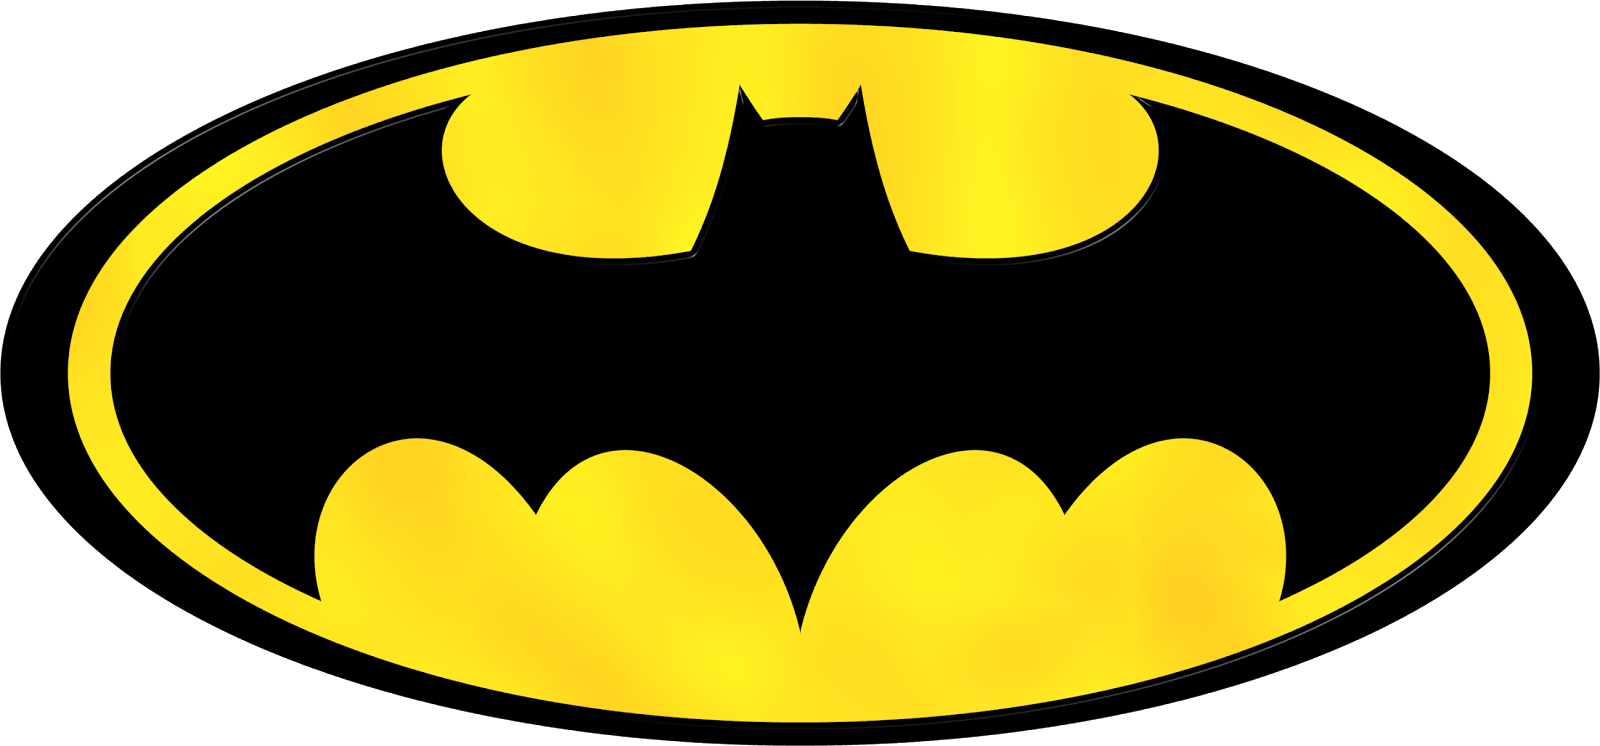 1600x746 Batman Logo Png Justice Ligue Clip Art